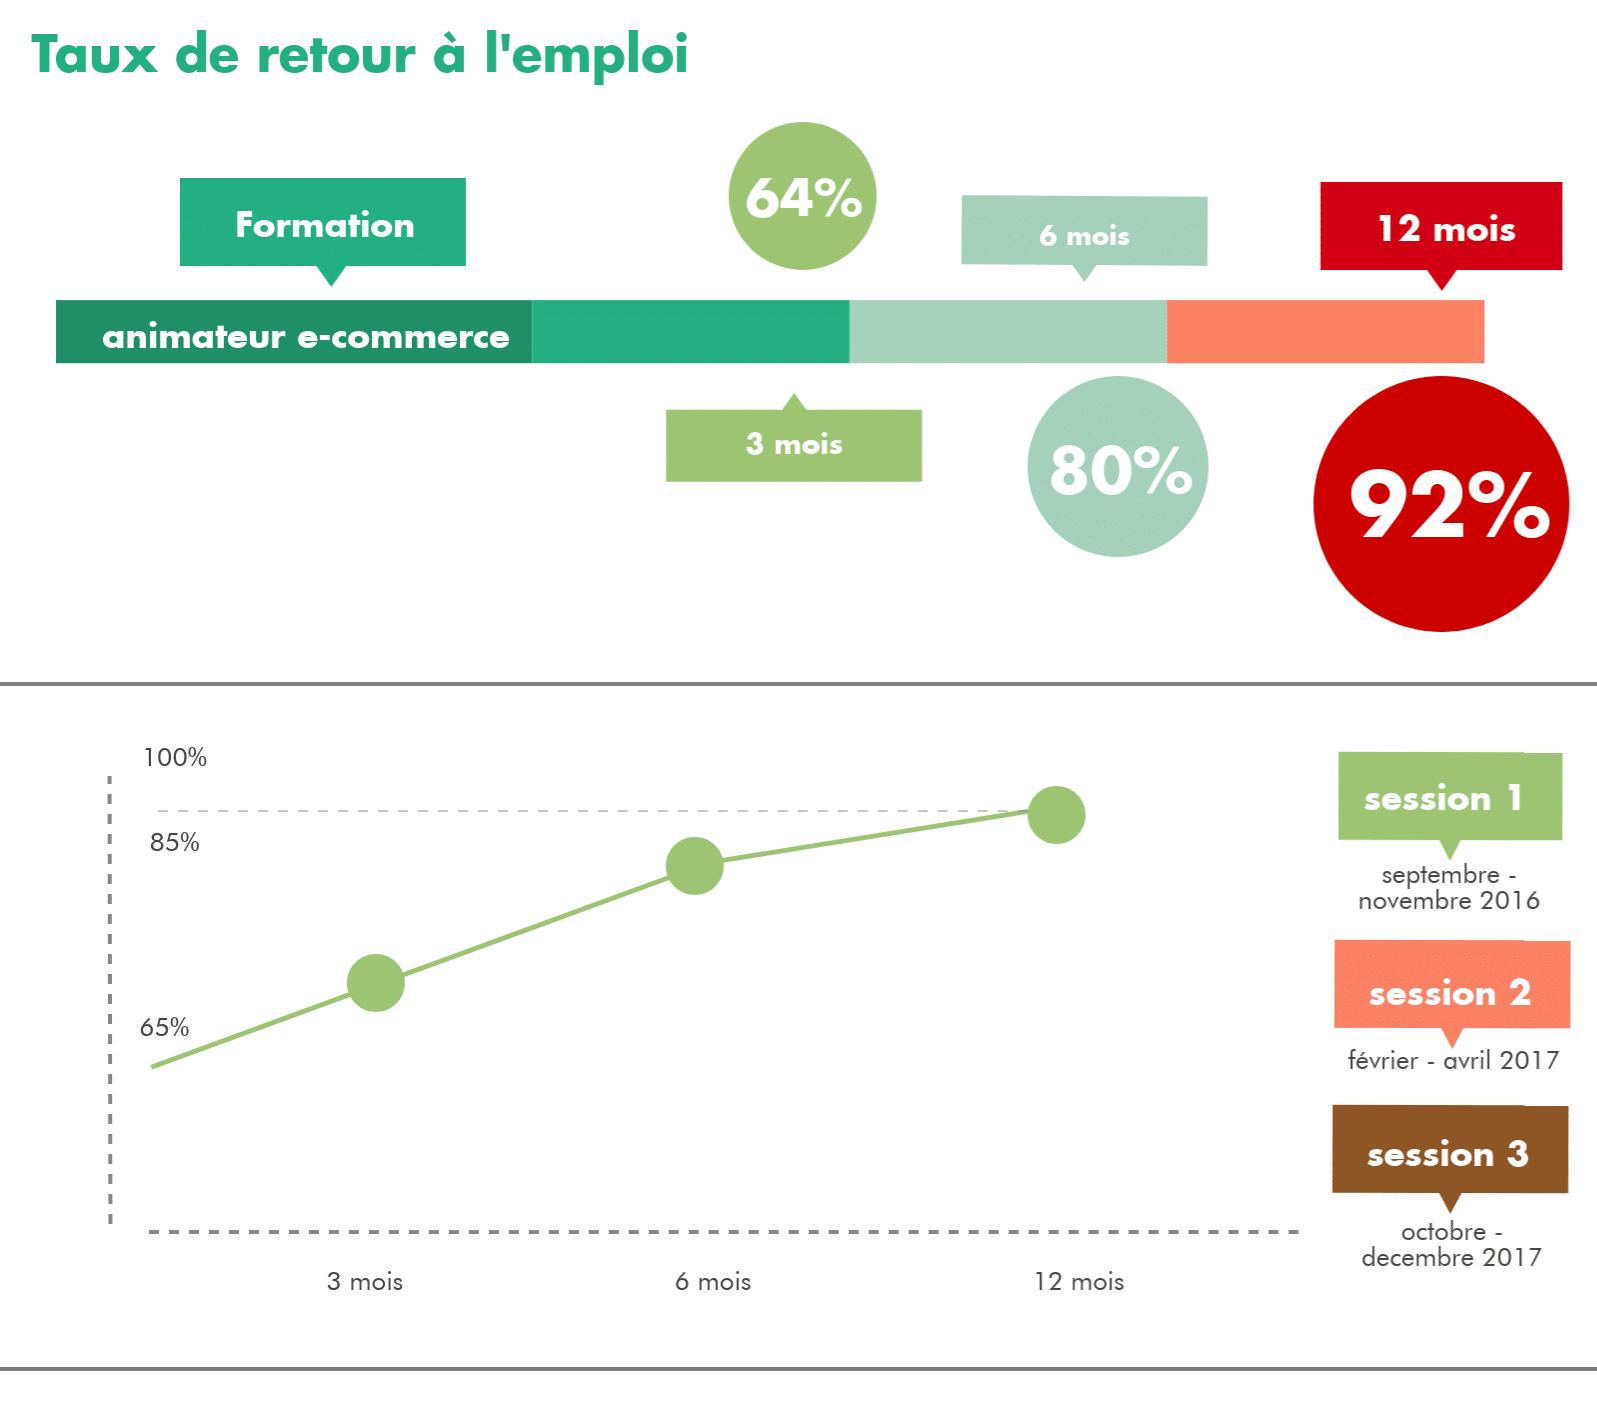 statistiques animateur ecommerce paca 2018